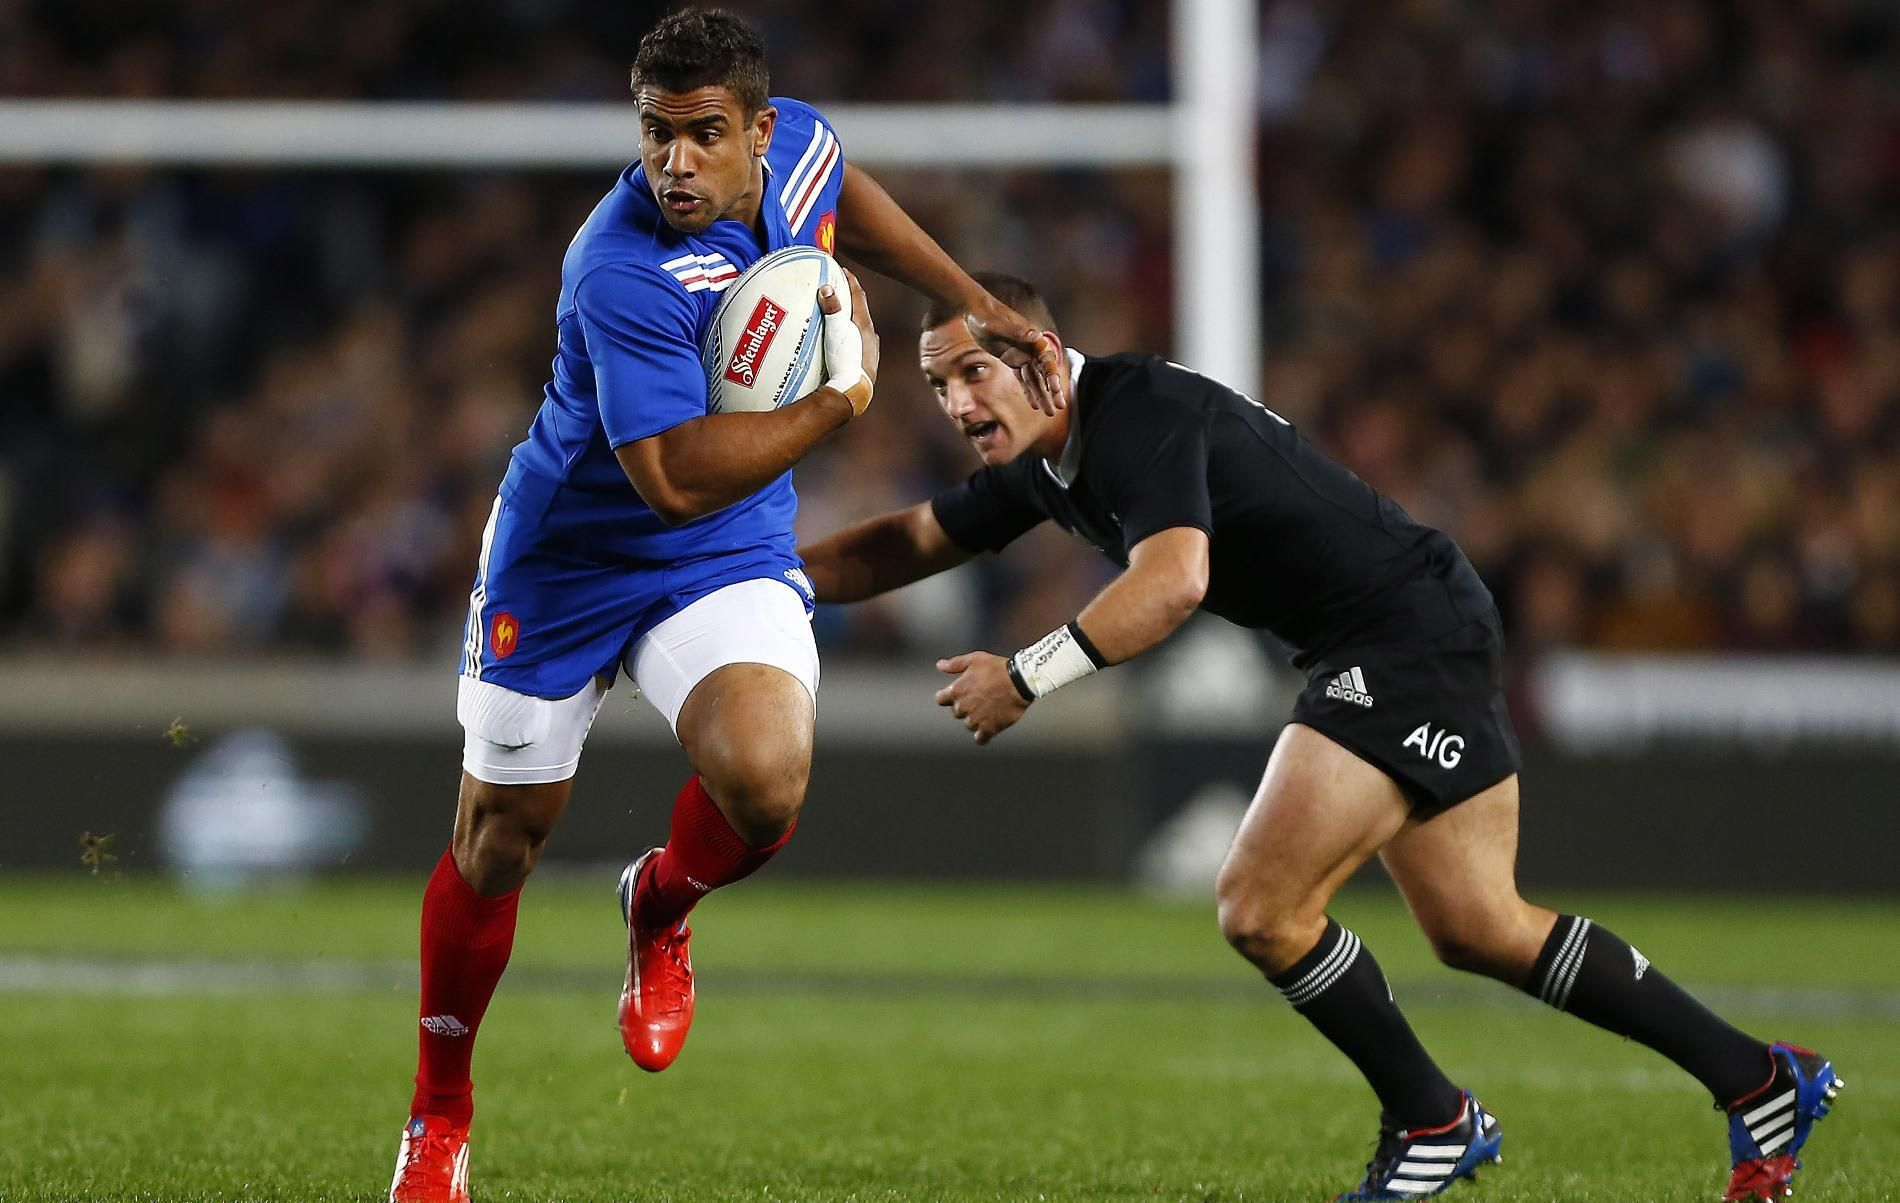 Fonds D Ecran Rugby Le Sport En Grand Format Fonds D Ecran Gratuits By Unesourisetmoi Rugby Sport Xv De France